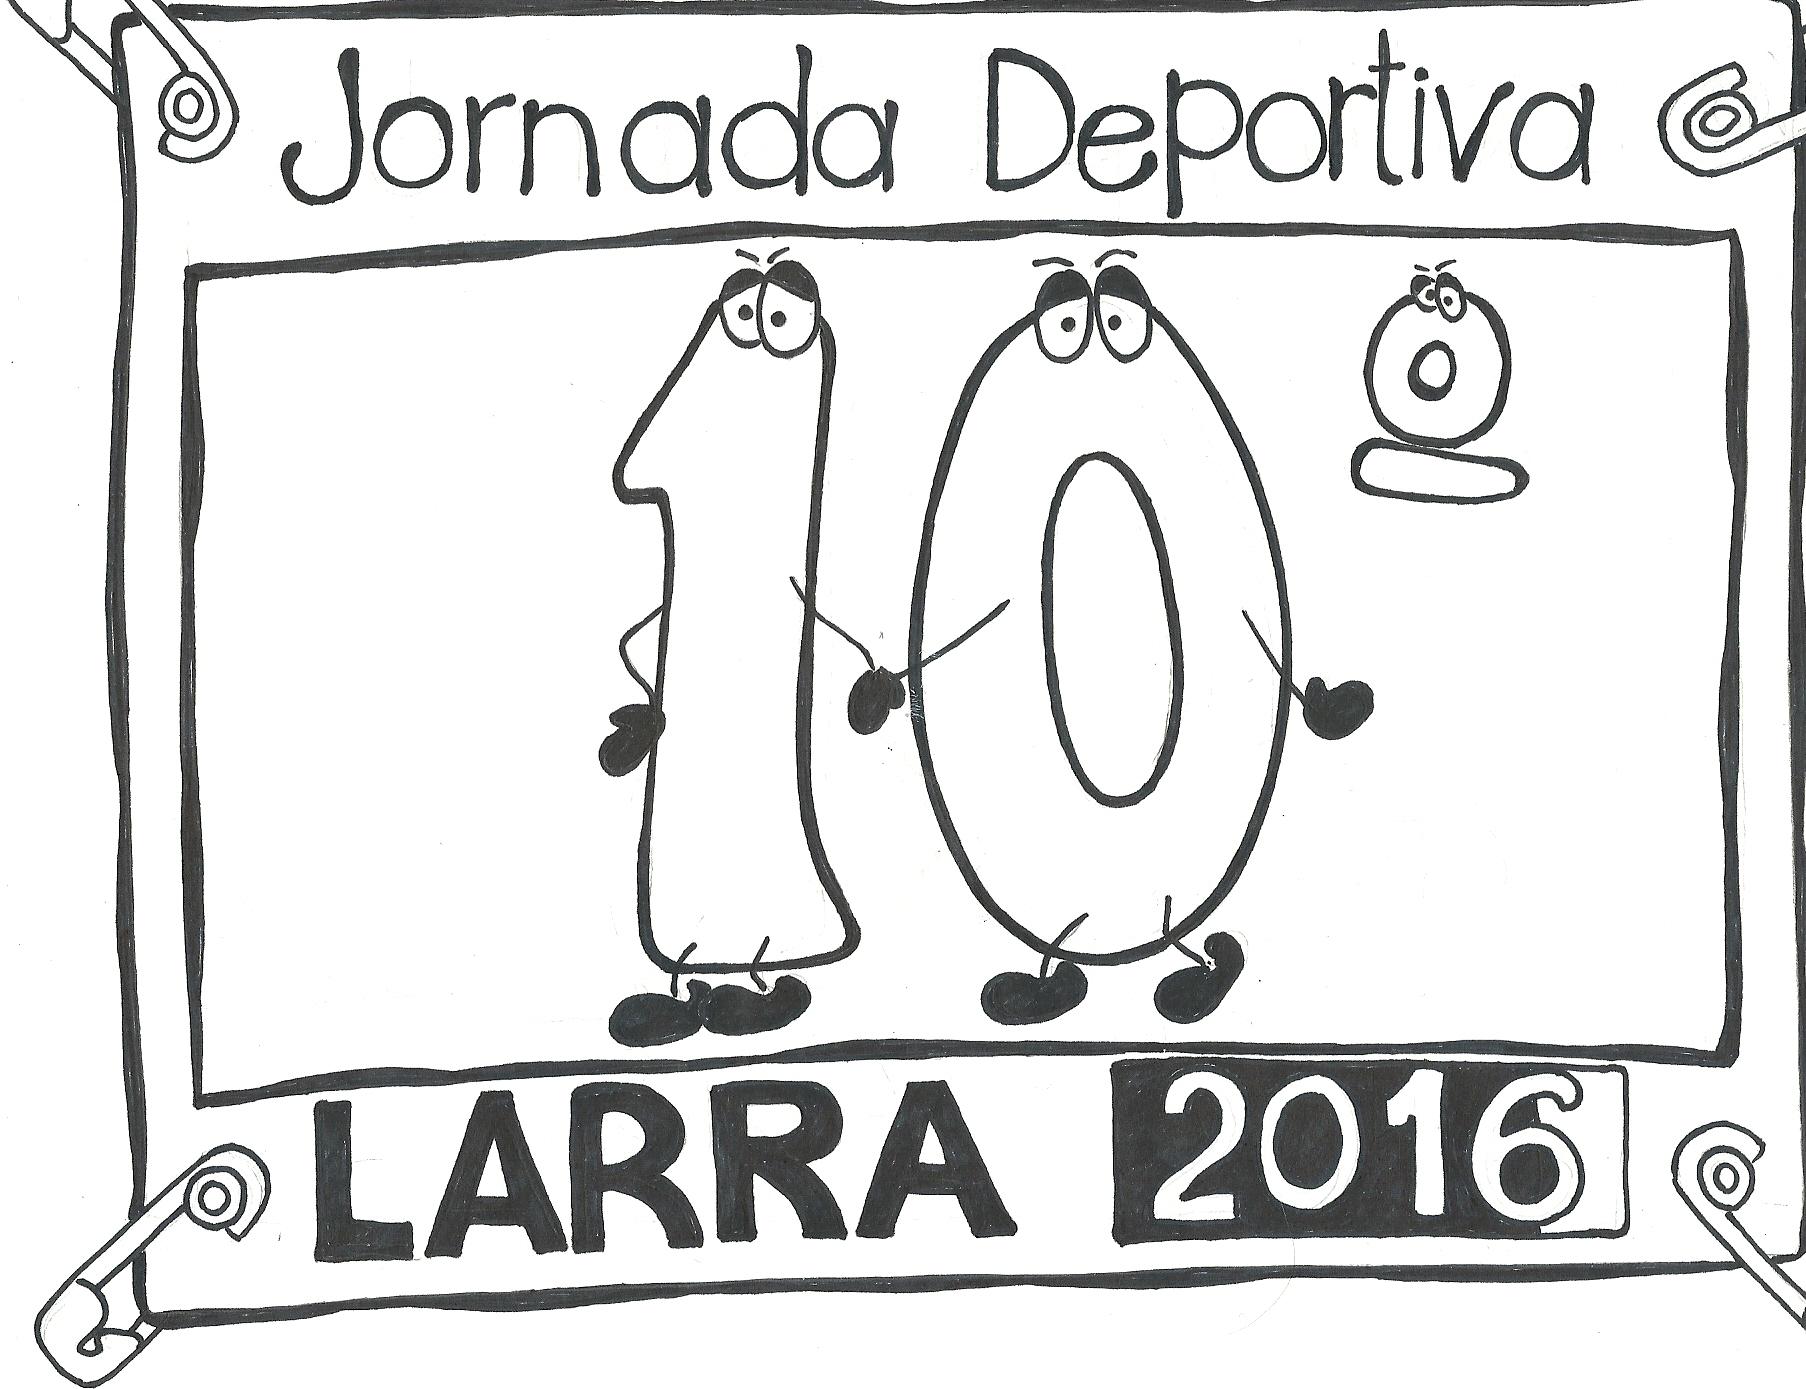 LOGO GANADOR 10ª JORNADA DEPORTIVA